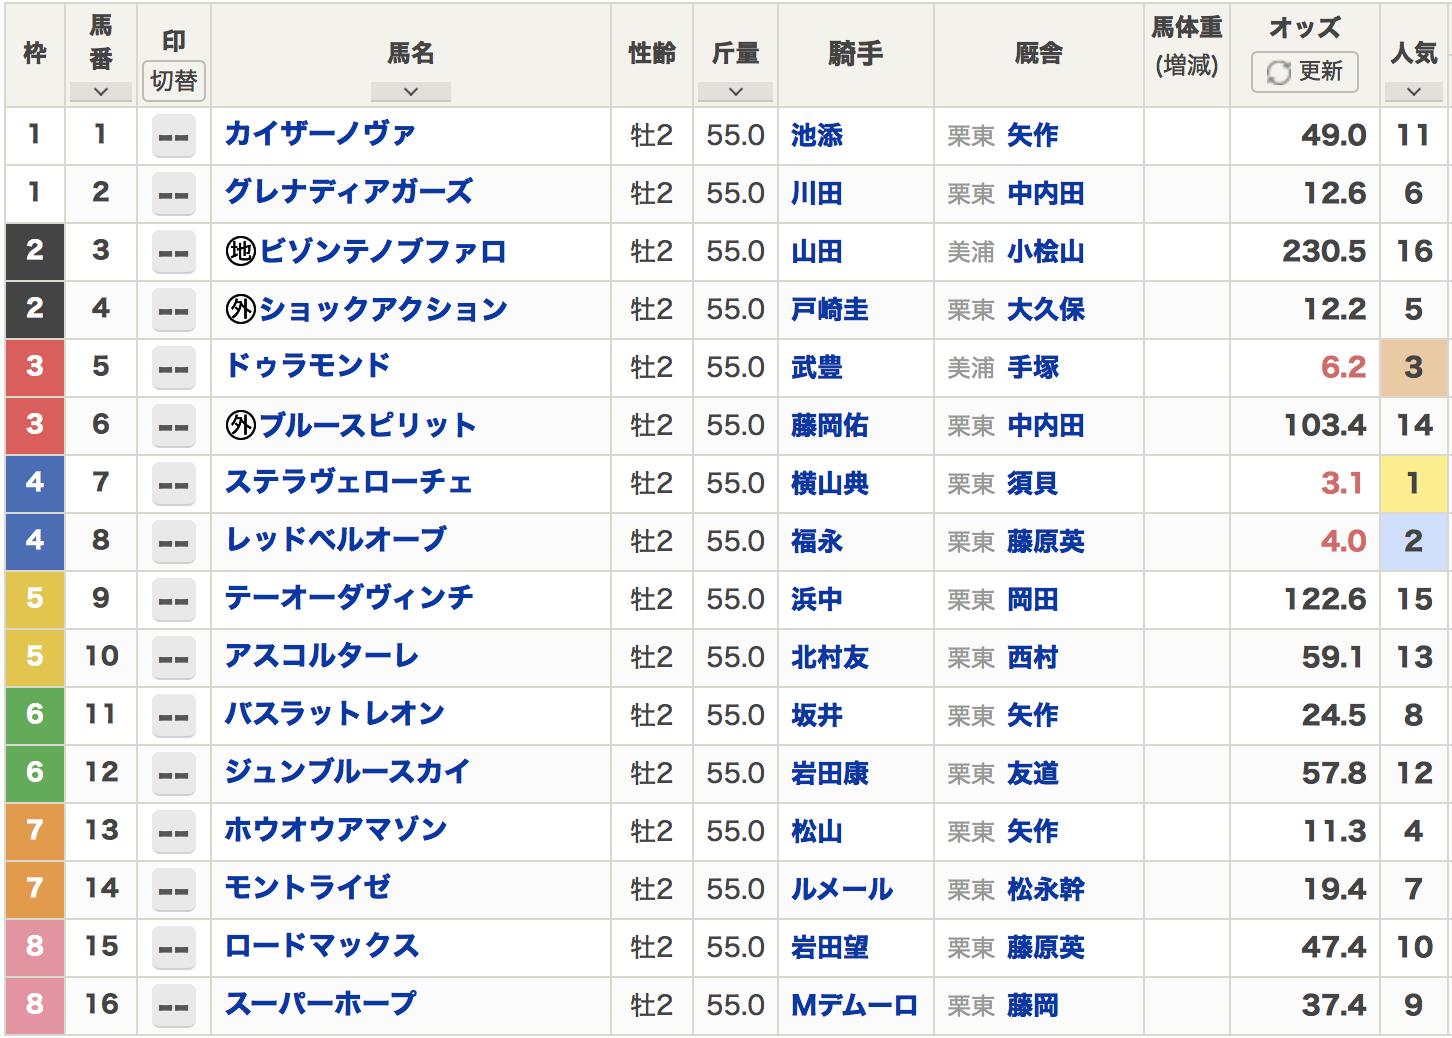 朝日杯フューチュリティステークス2020出走表